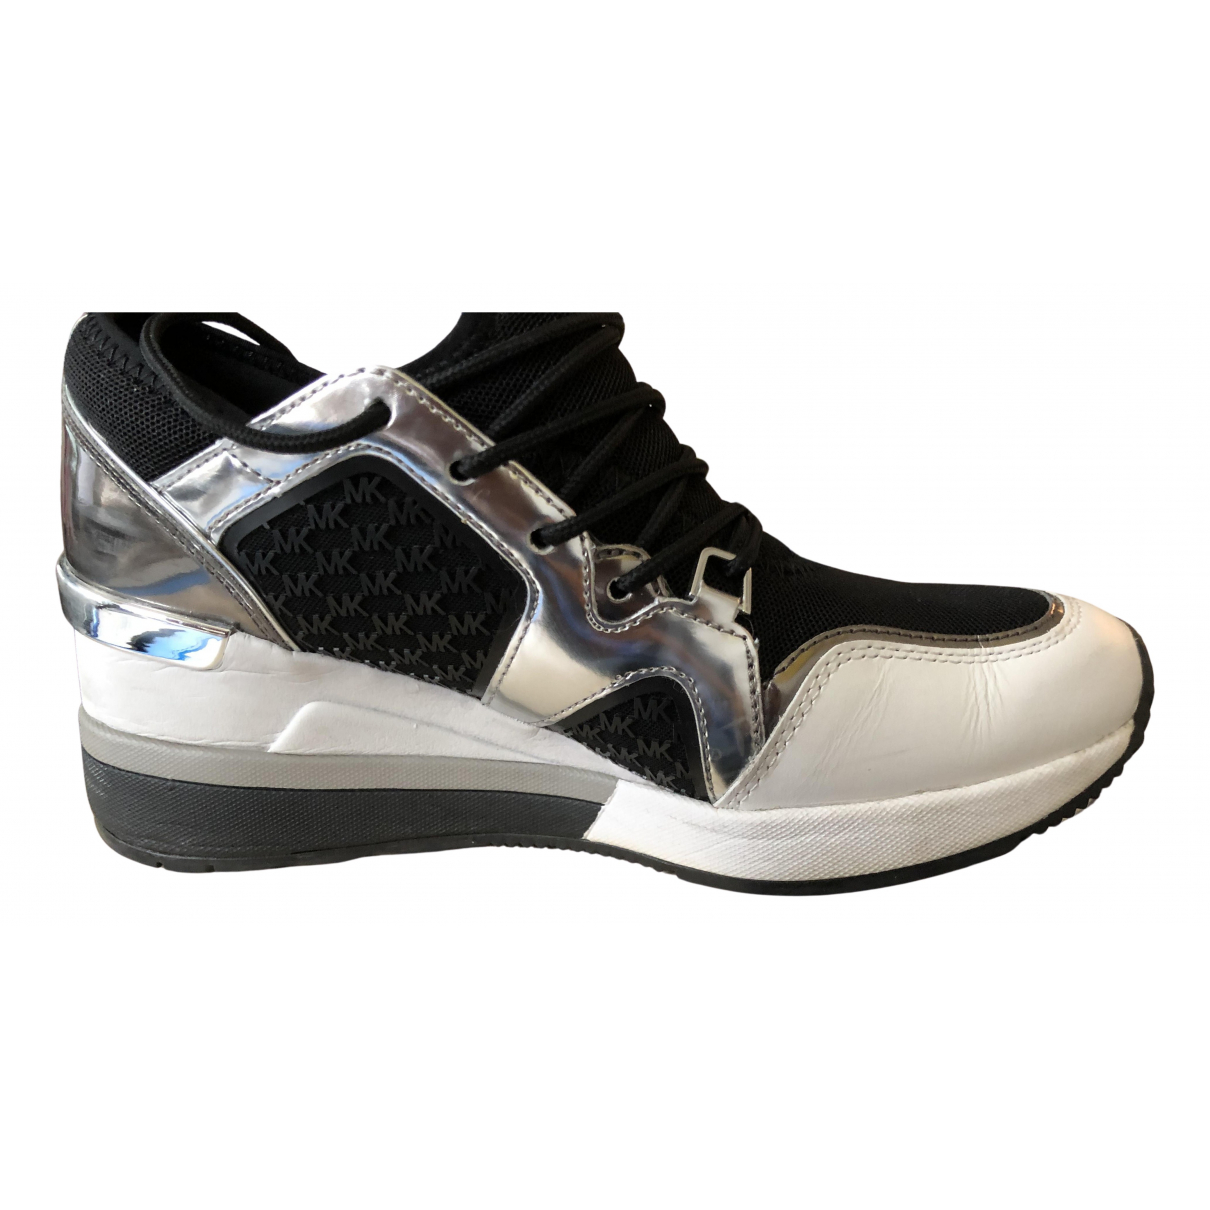 Michael Kors \N Sneakers in  Schwarz Leinen